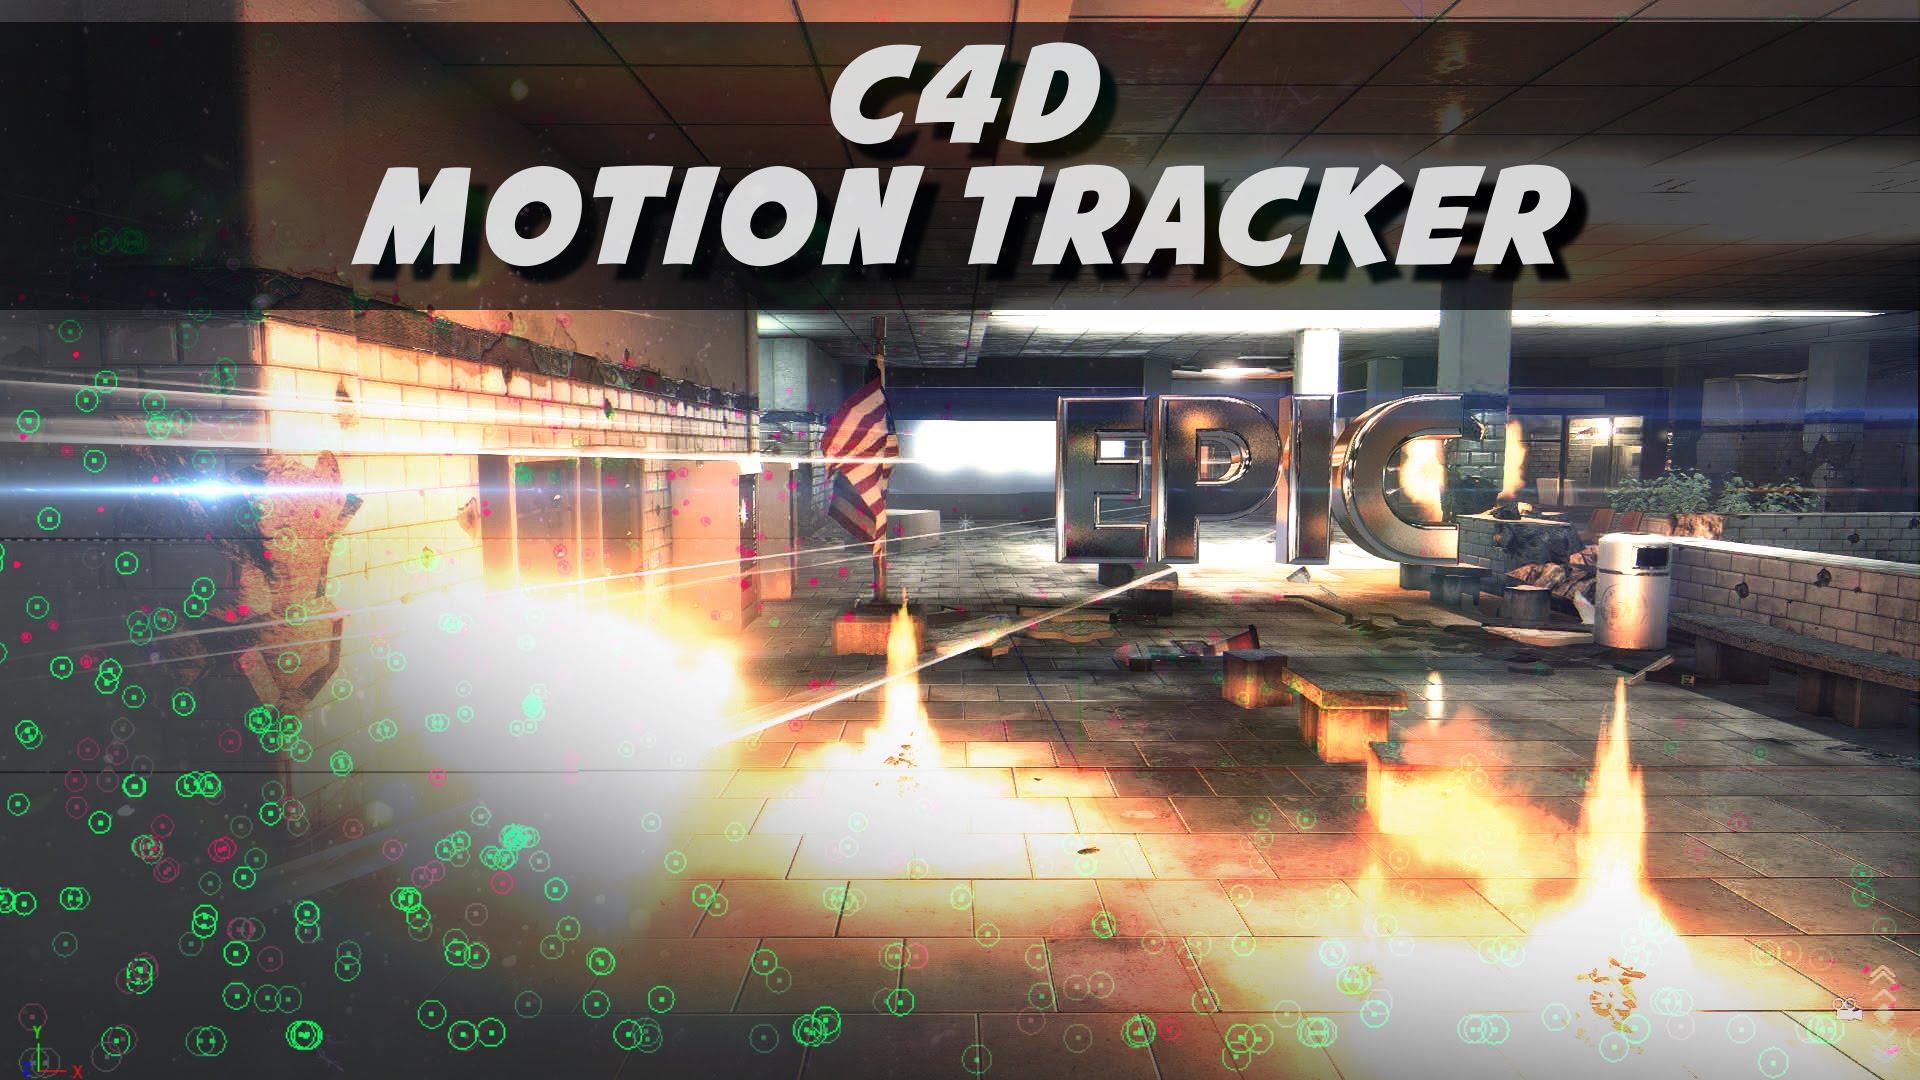 C4D R16: Motion Tracker vs. AE Track Camera (Psynaps Tutorial)